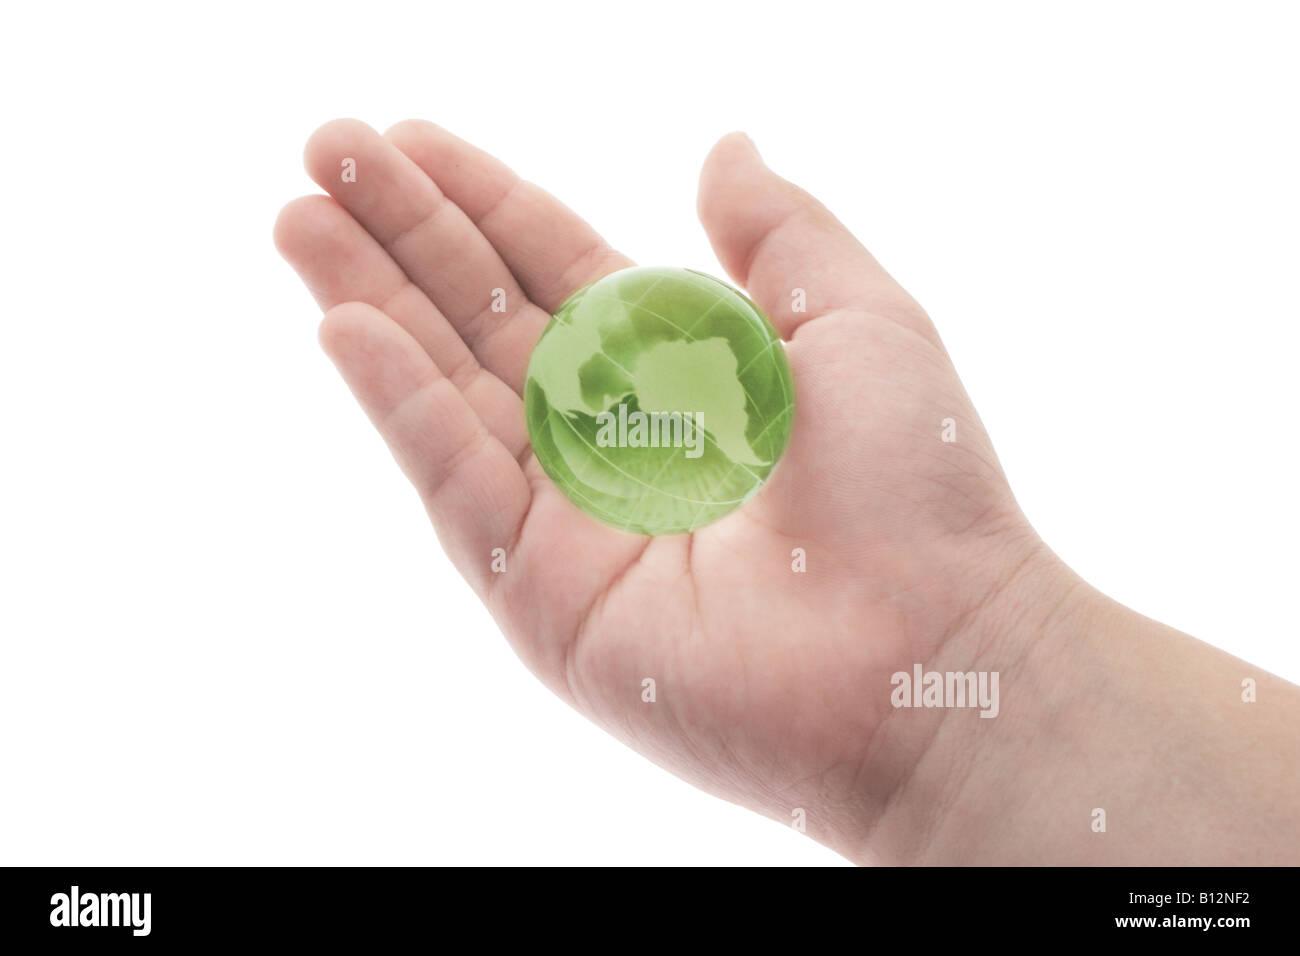 Verde globo di cristallo nel bambino il palmo della mano su sfondo bianco Immagini Stock